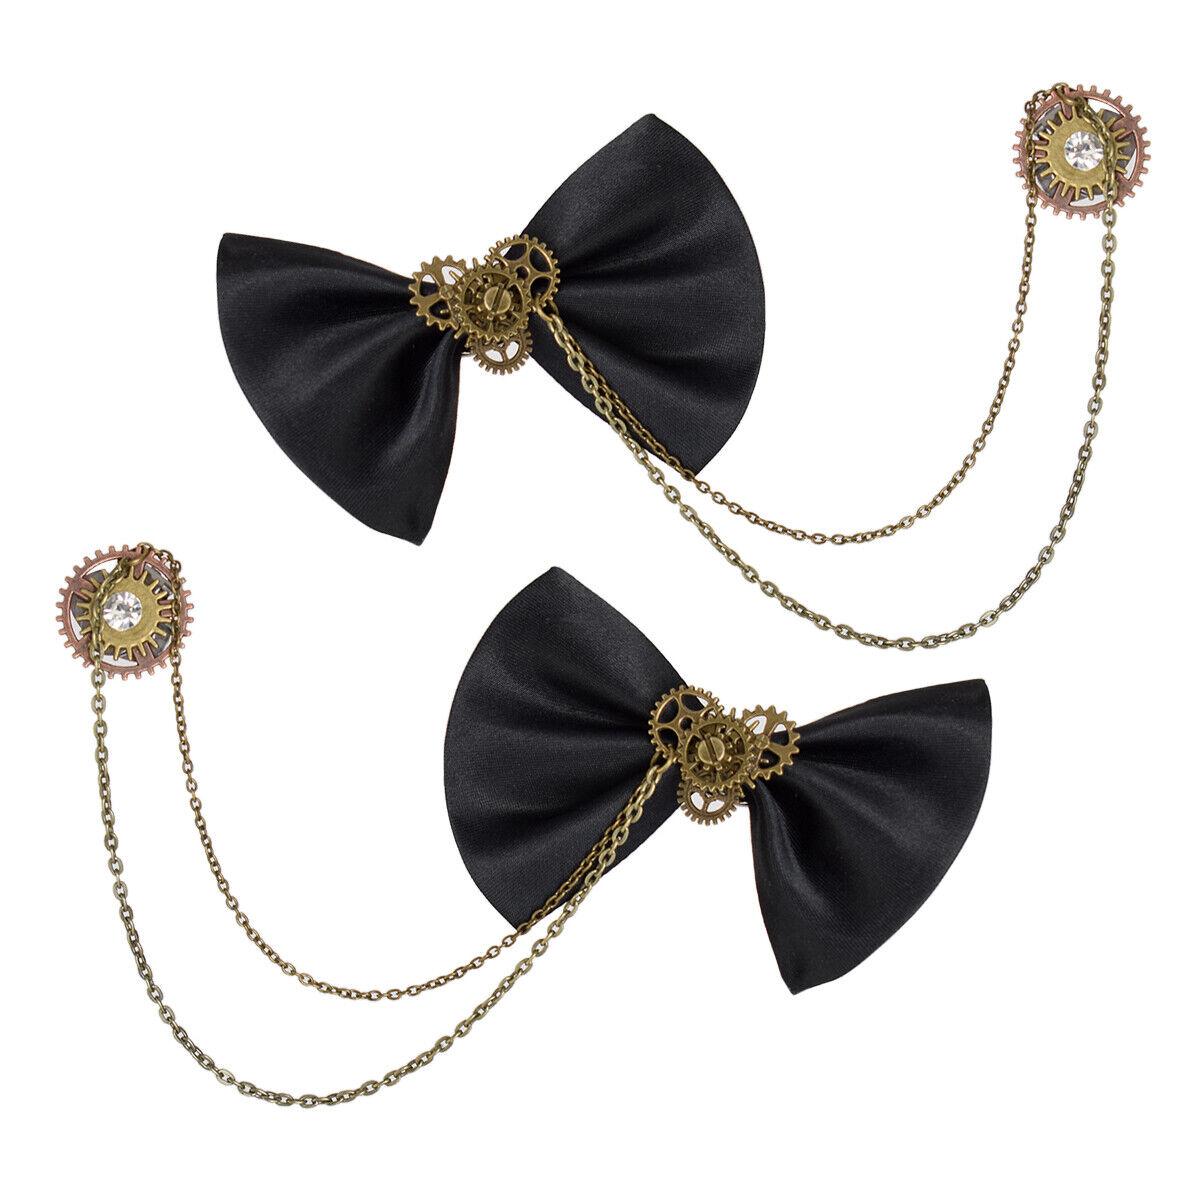 Retro Victorian Gothic Lolita Black Bowknot Gear Chain Decorative Shoe Clips